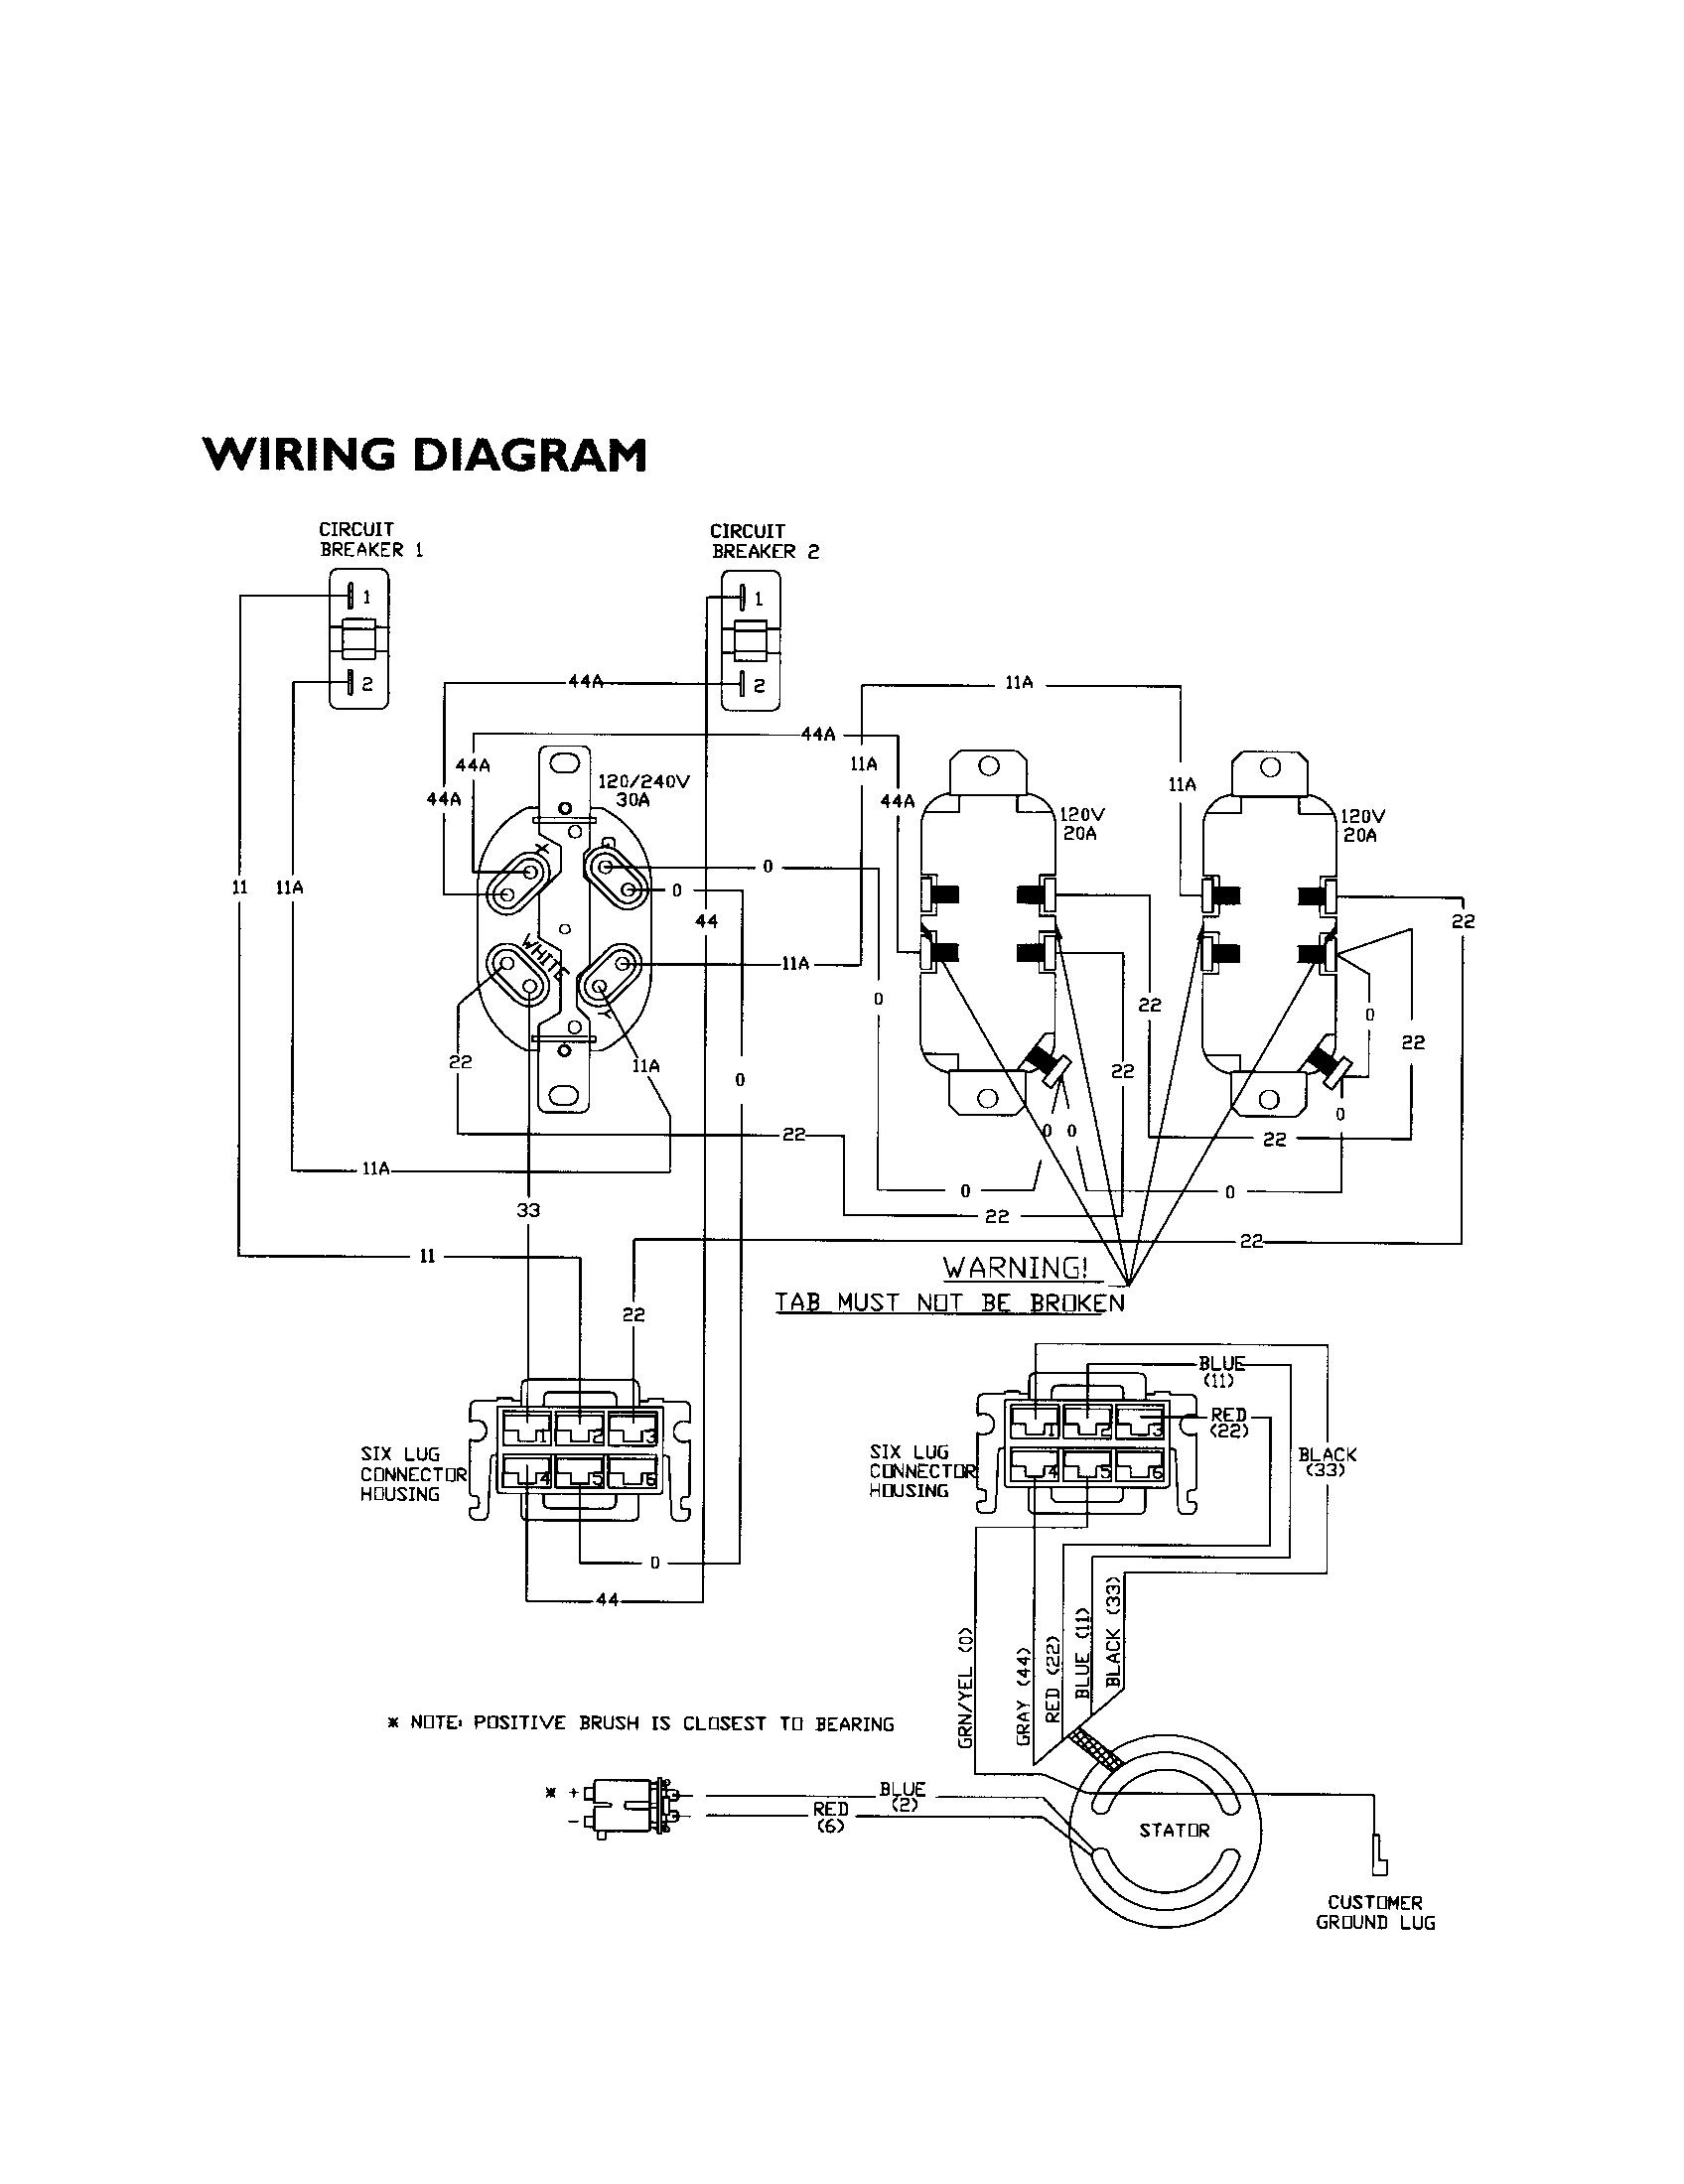 generac generator wiring diagrams